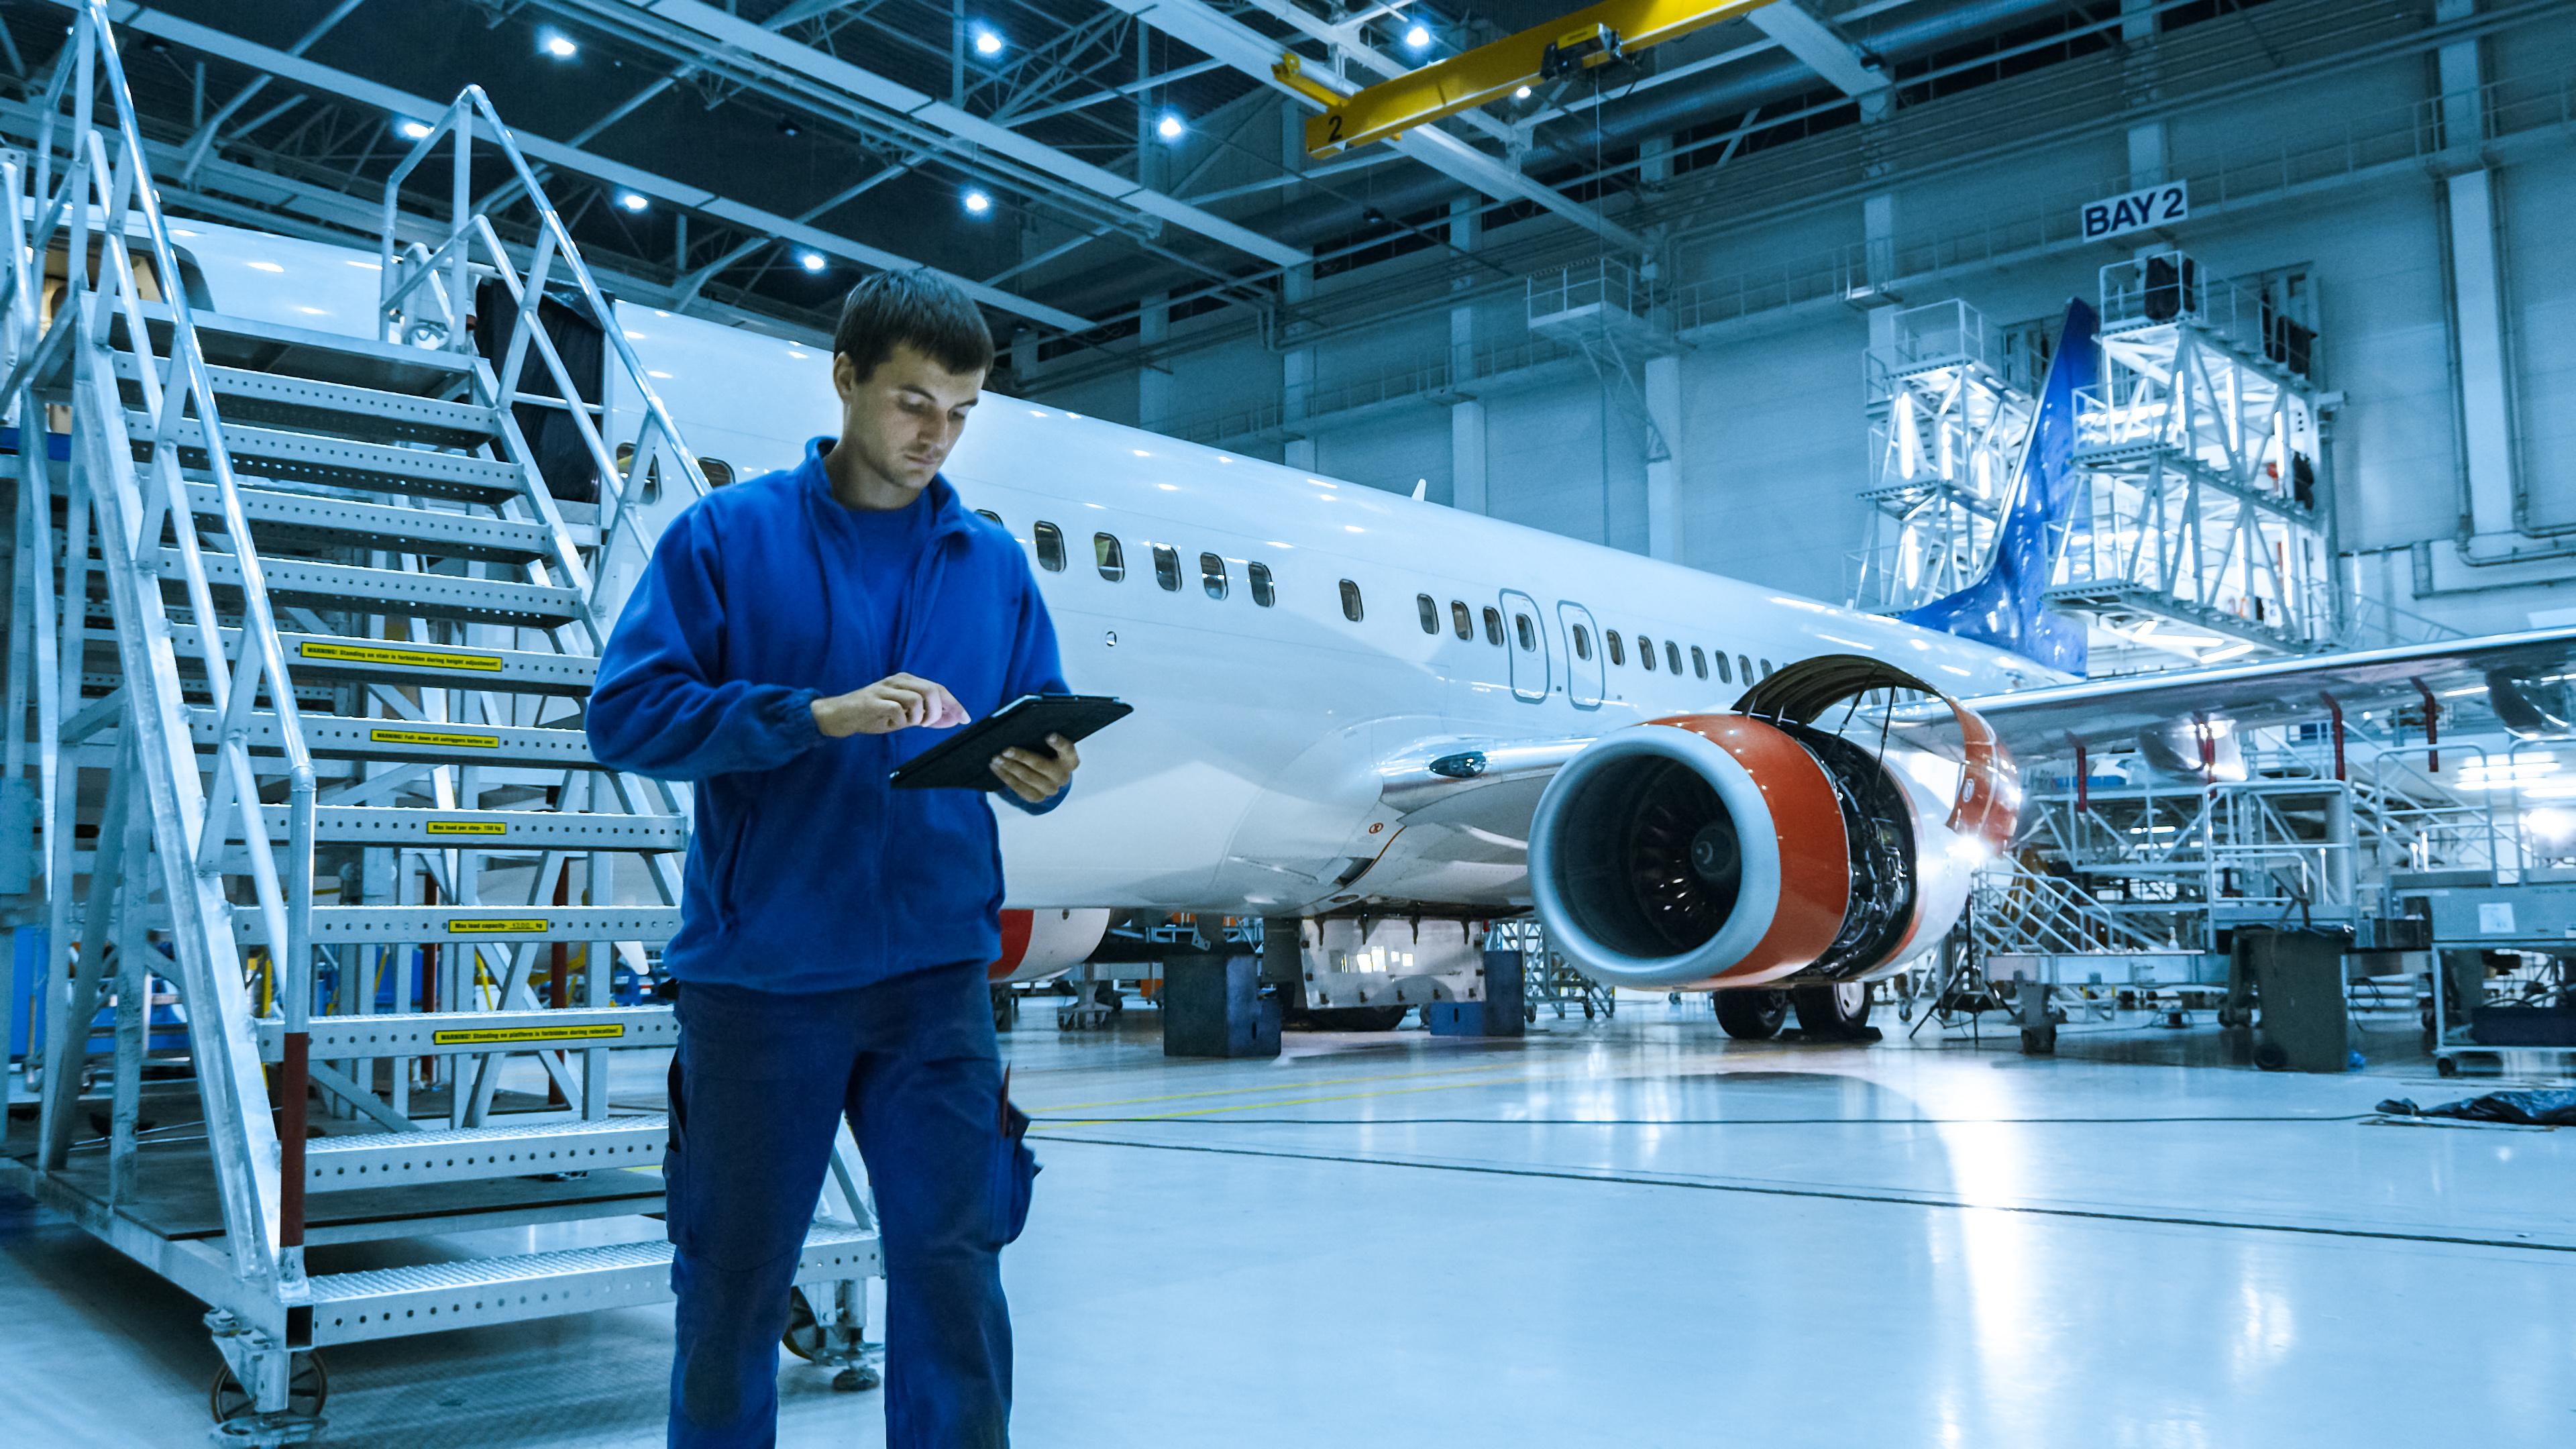 aviation inspector looking at landing gear